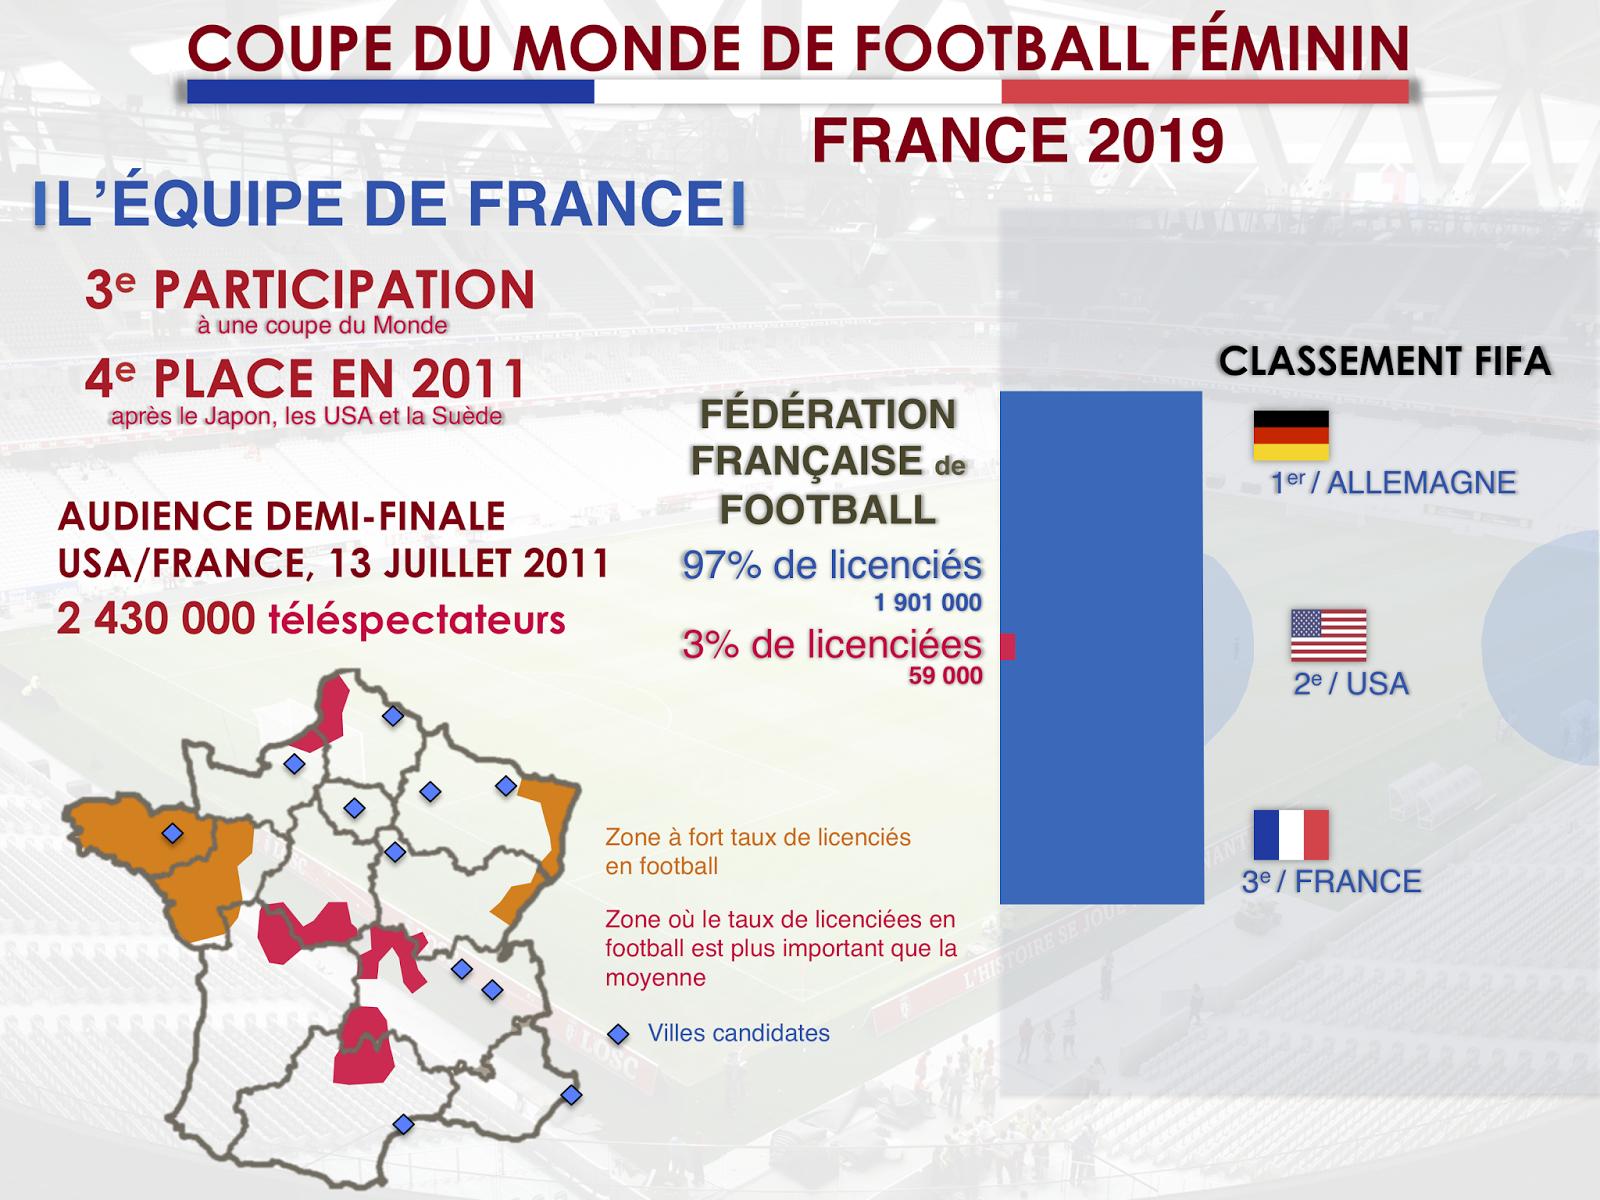 Coupe Du Monde De Football Feminin 2019 En France Infographie Paul Itique